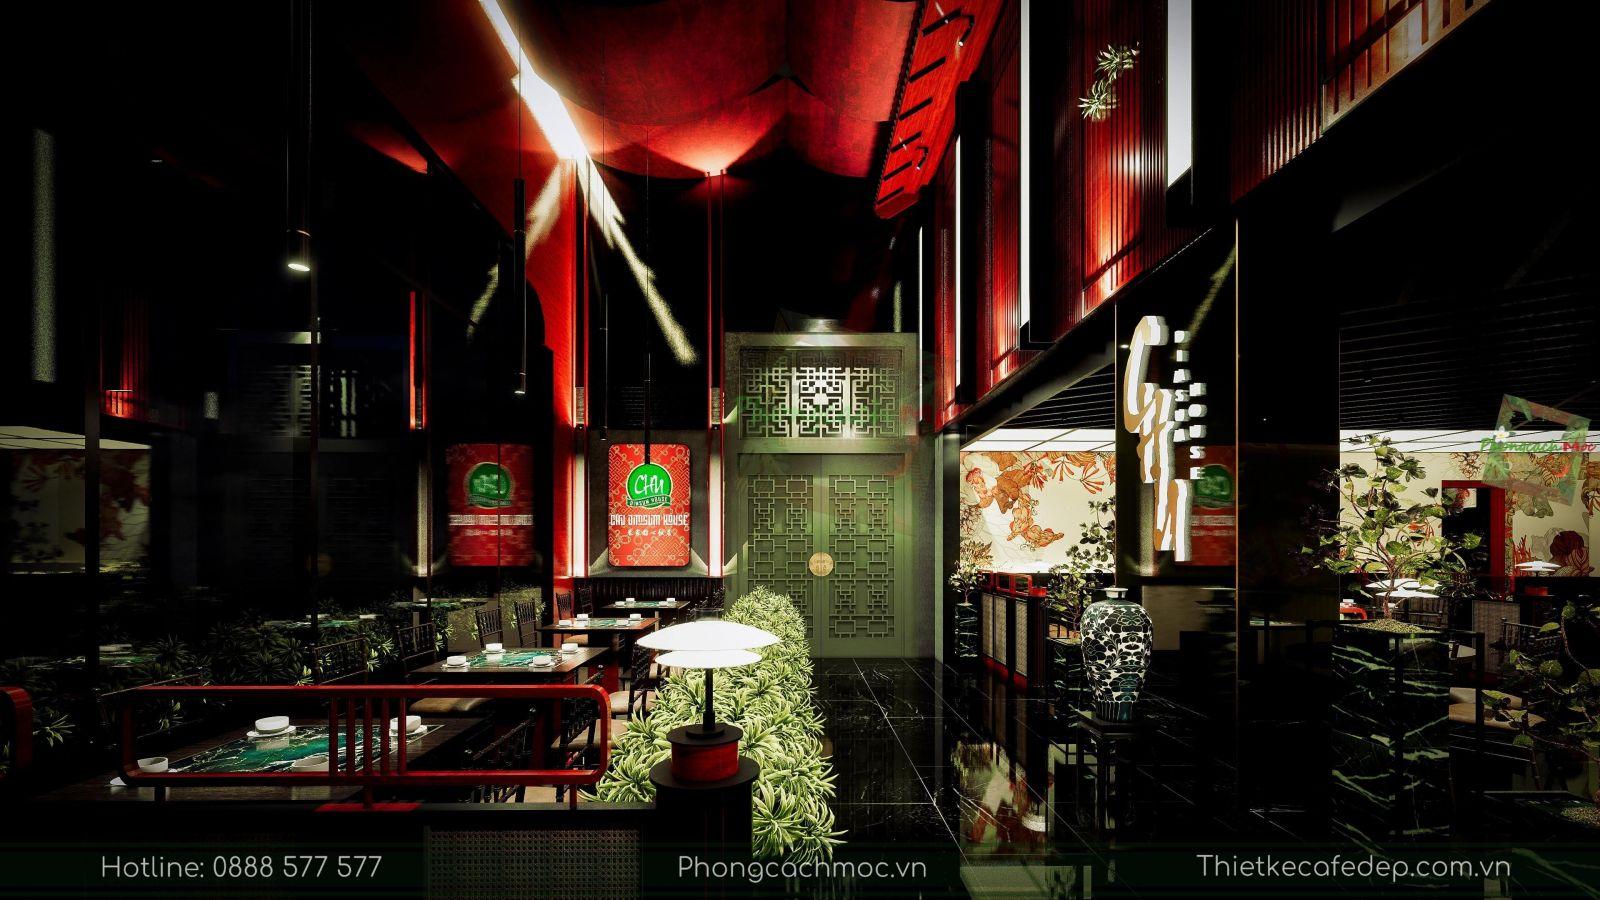 thiết kế nhà hàng trung hoa - không gian tầng trệt - nét văn hóa độc đáo - 5